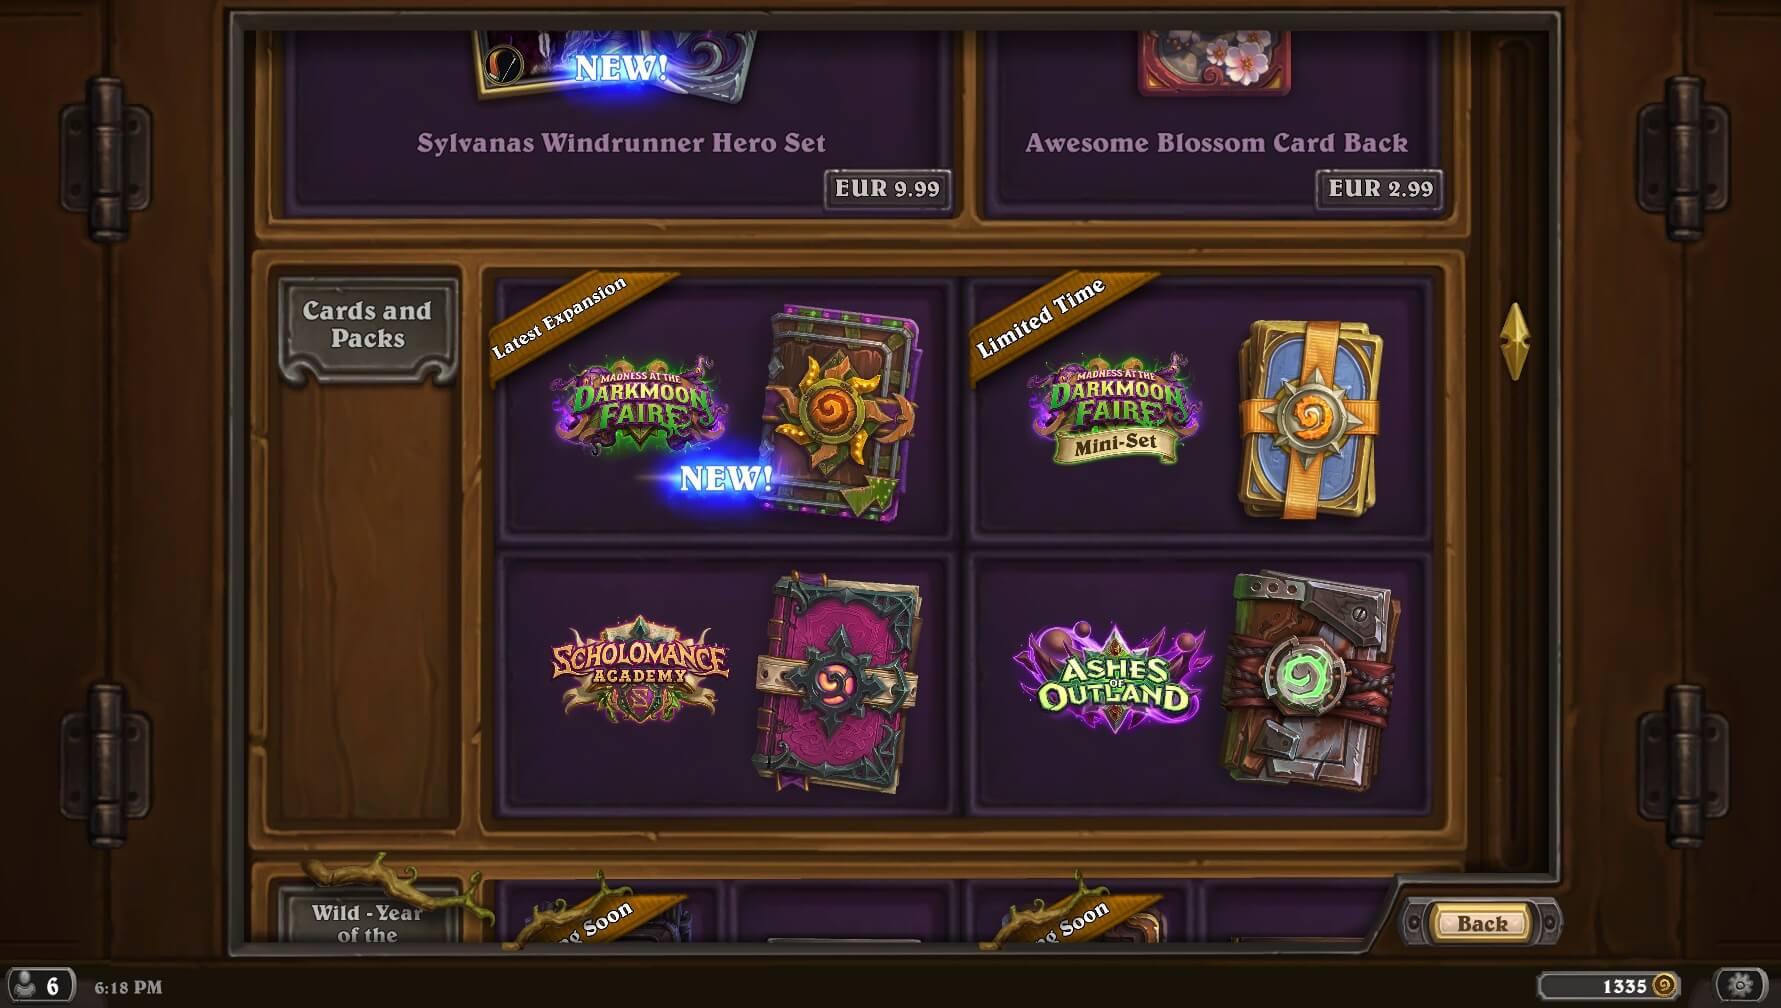 Hearthstone Shop, kártyacsomag vásárlás